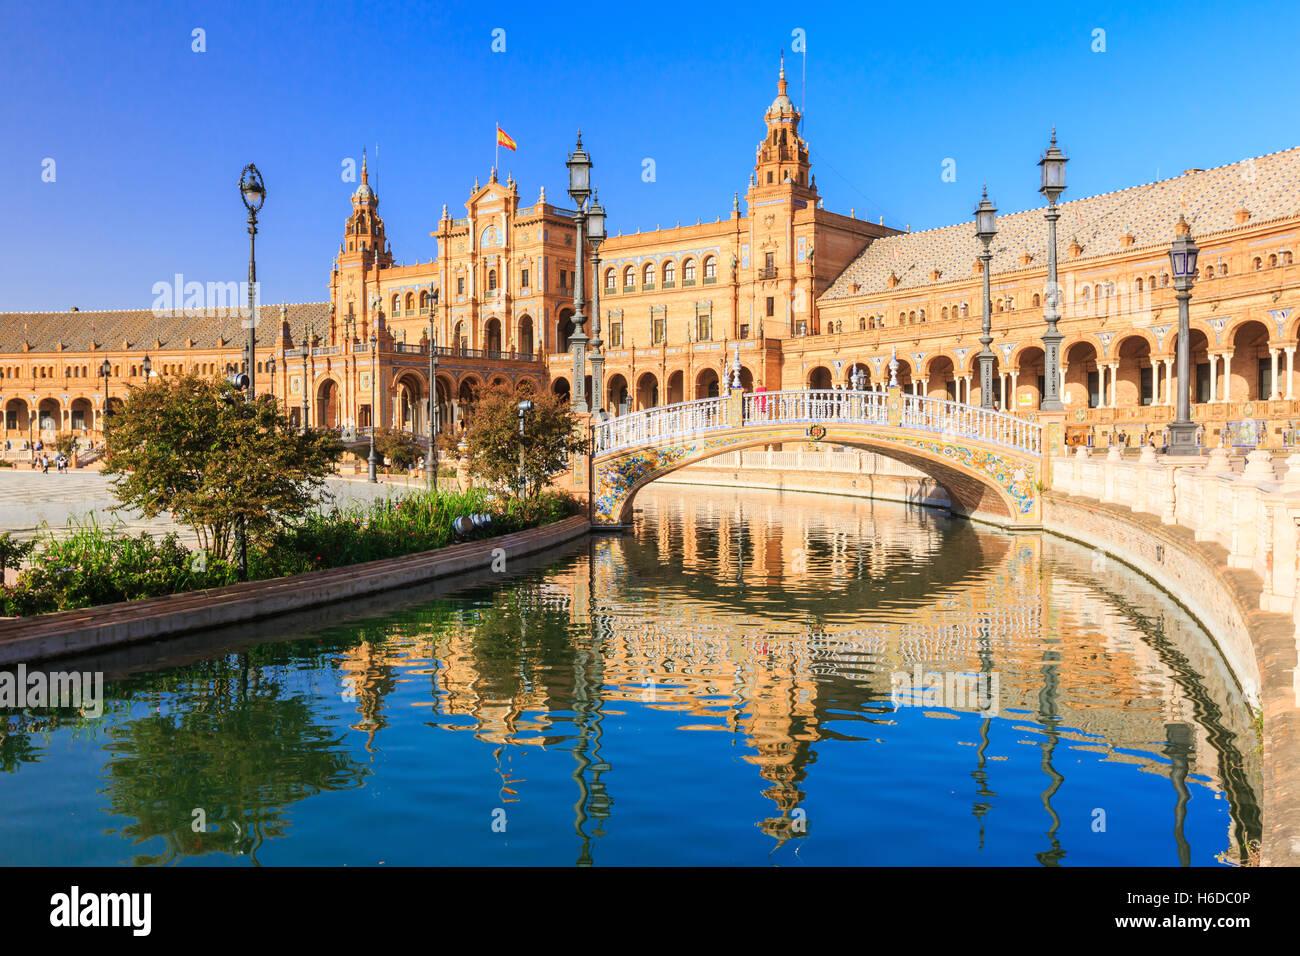 Siviglia, Spagna. Piazza di Spagna (Plaza de Espana) Immagini Stock